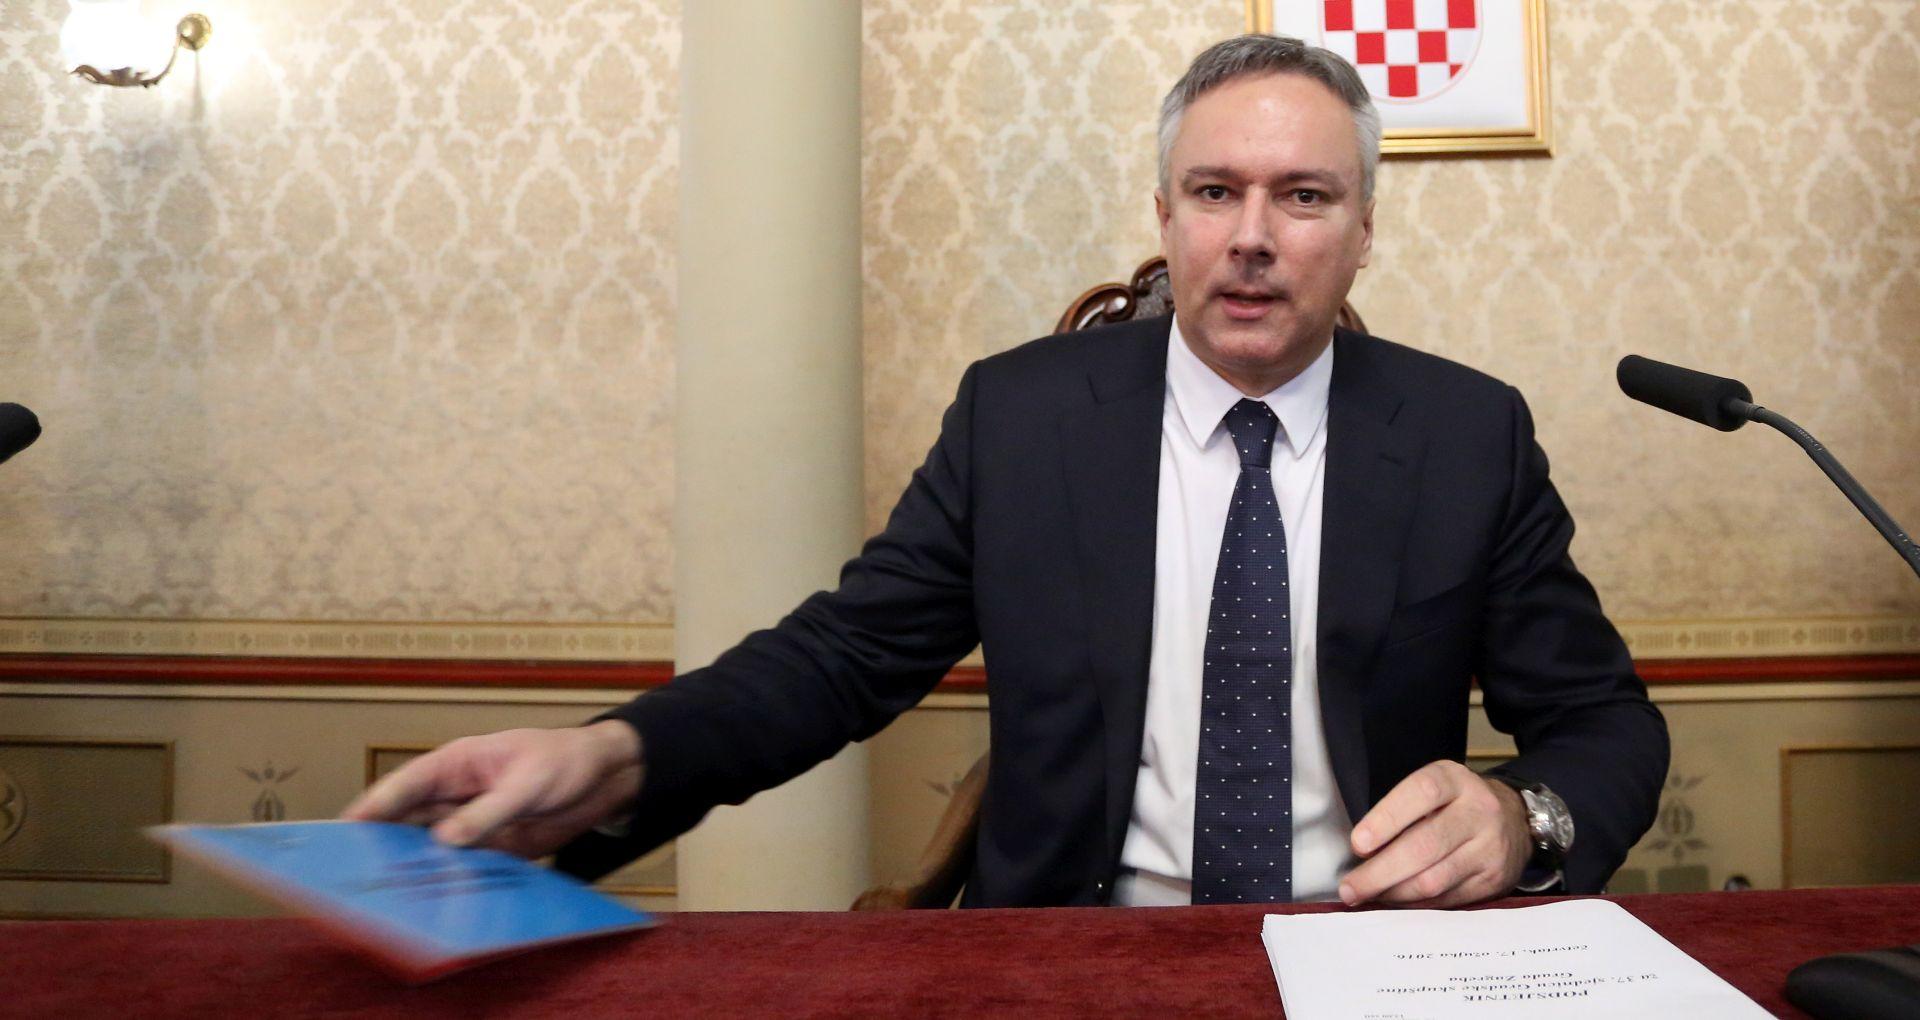 Darinko Kosor: 'Moderna Hrvatska nema ništa zajedničko sa zločinačkom NDH'